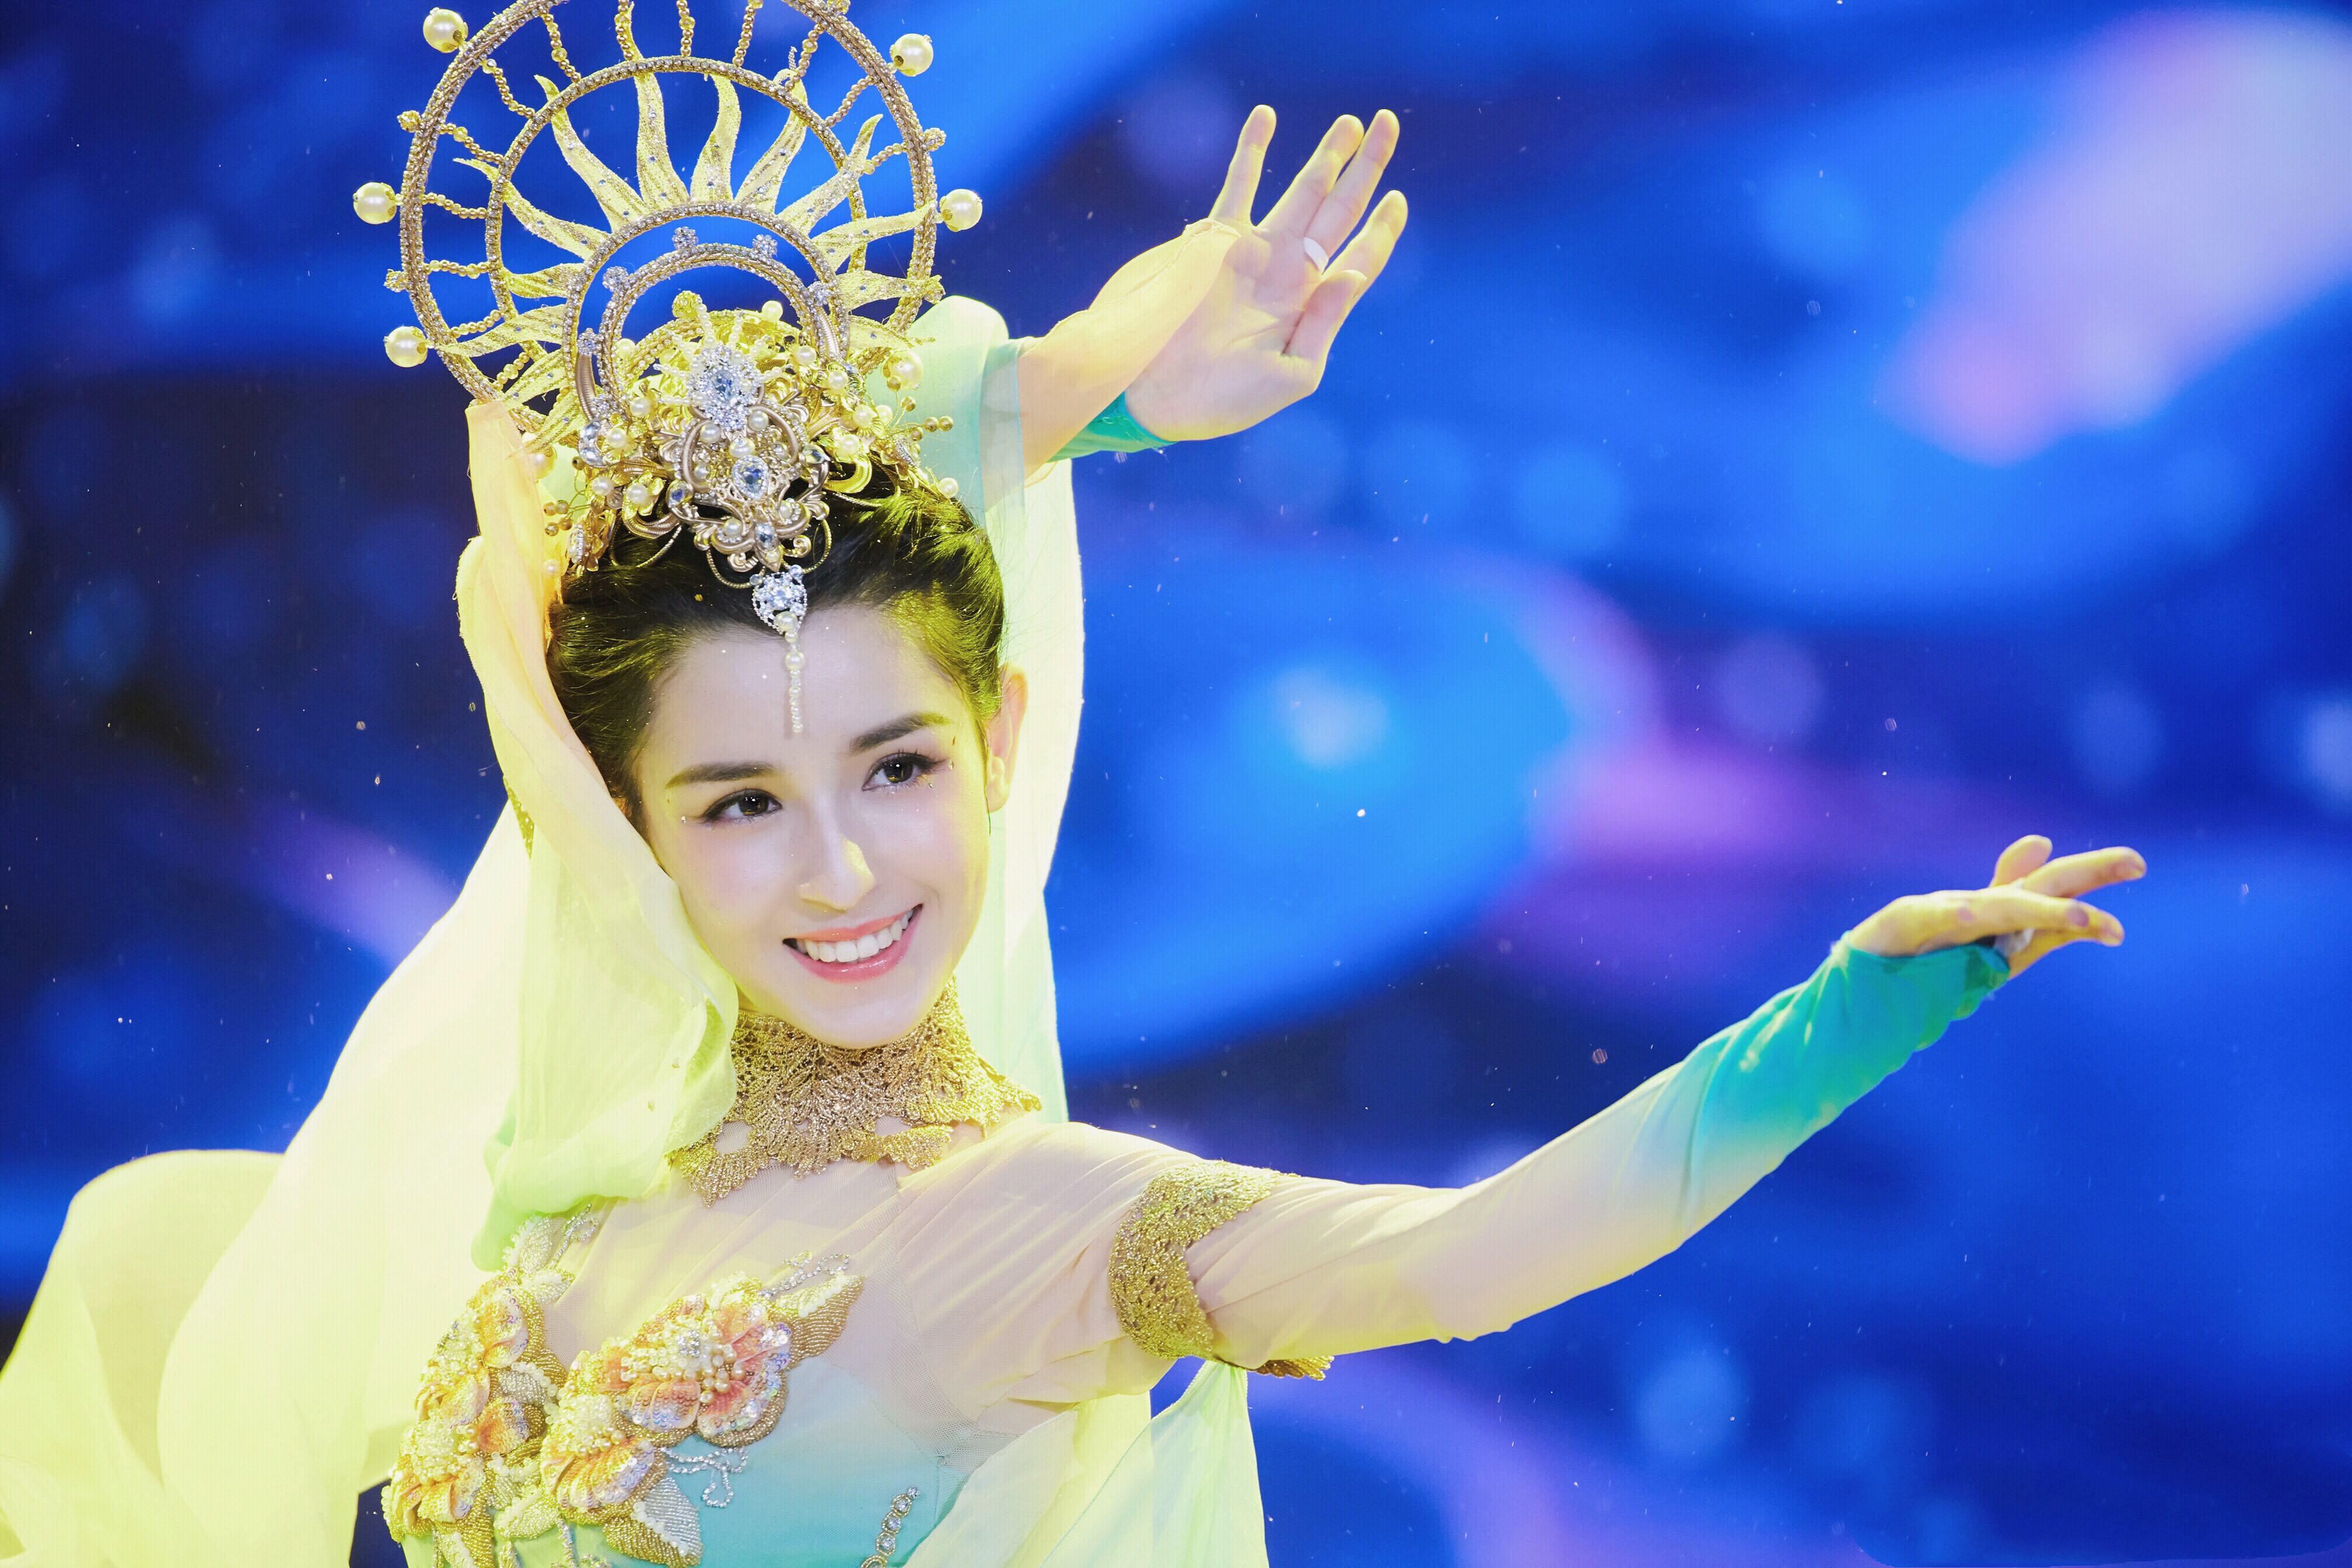 哈妮克孜双台霸屏新年 灵动舞姿开启全新2019